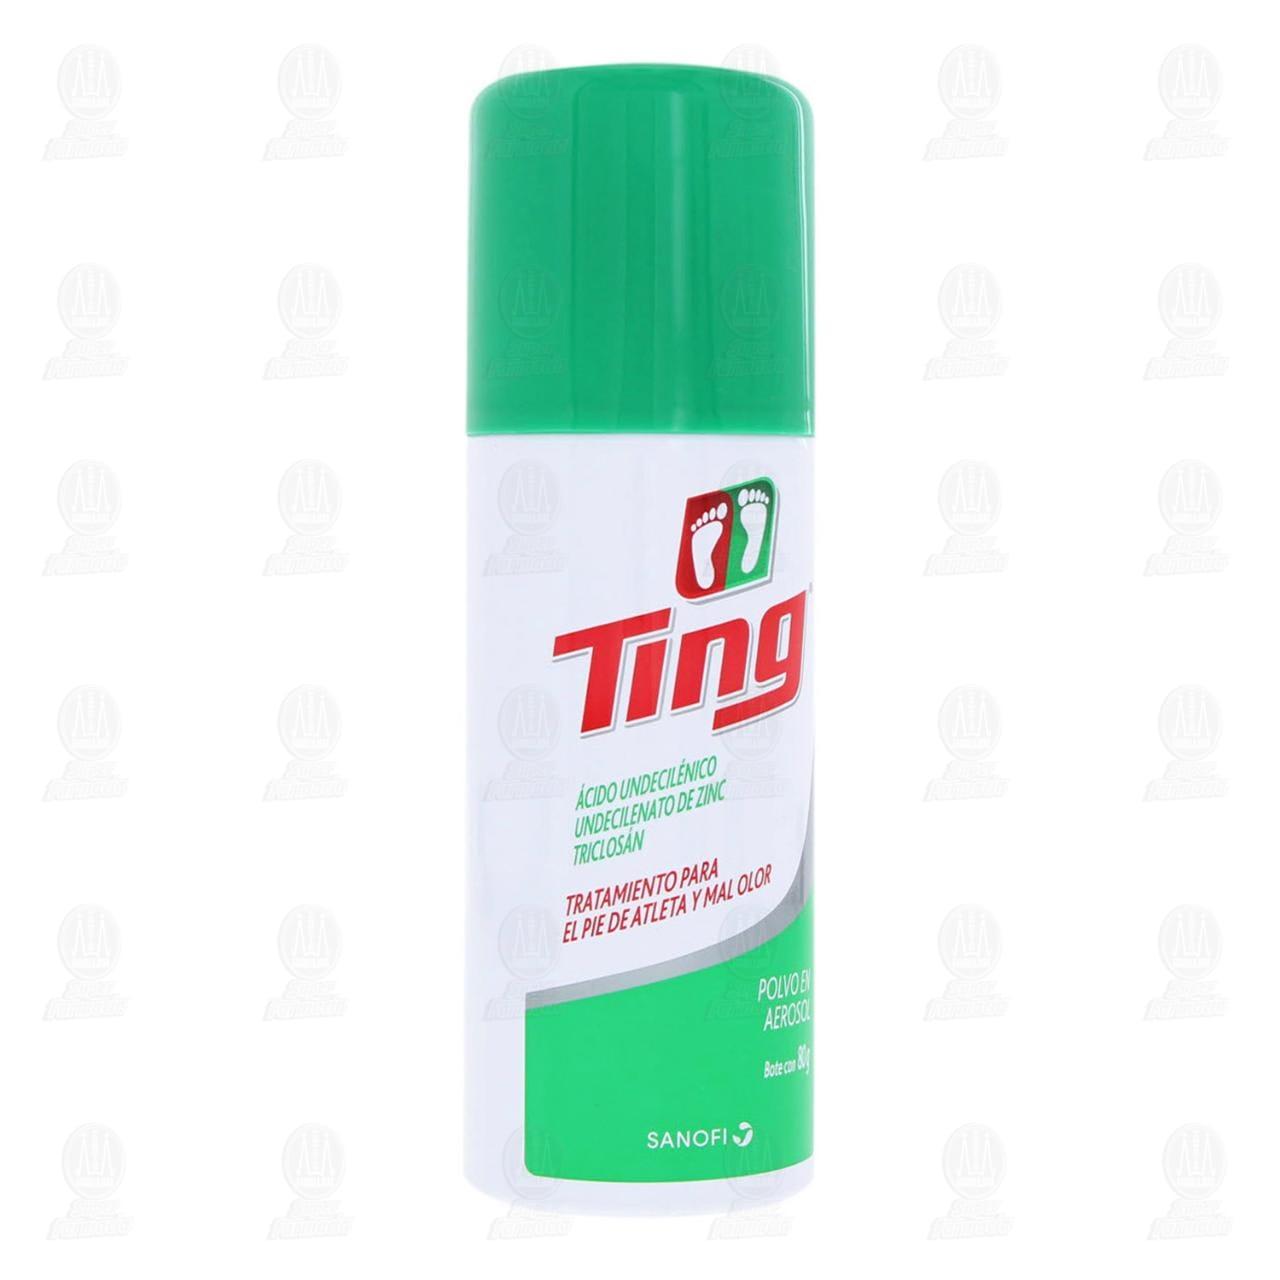 Comprar Ting 80gr Polvo en Aerosol en Farmacias Guadalajara